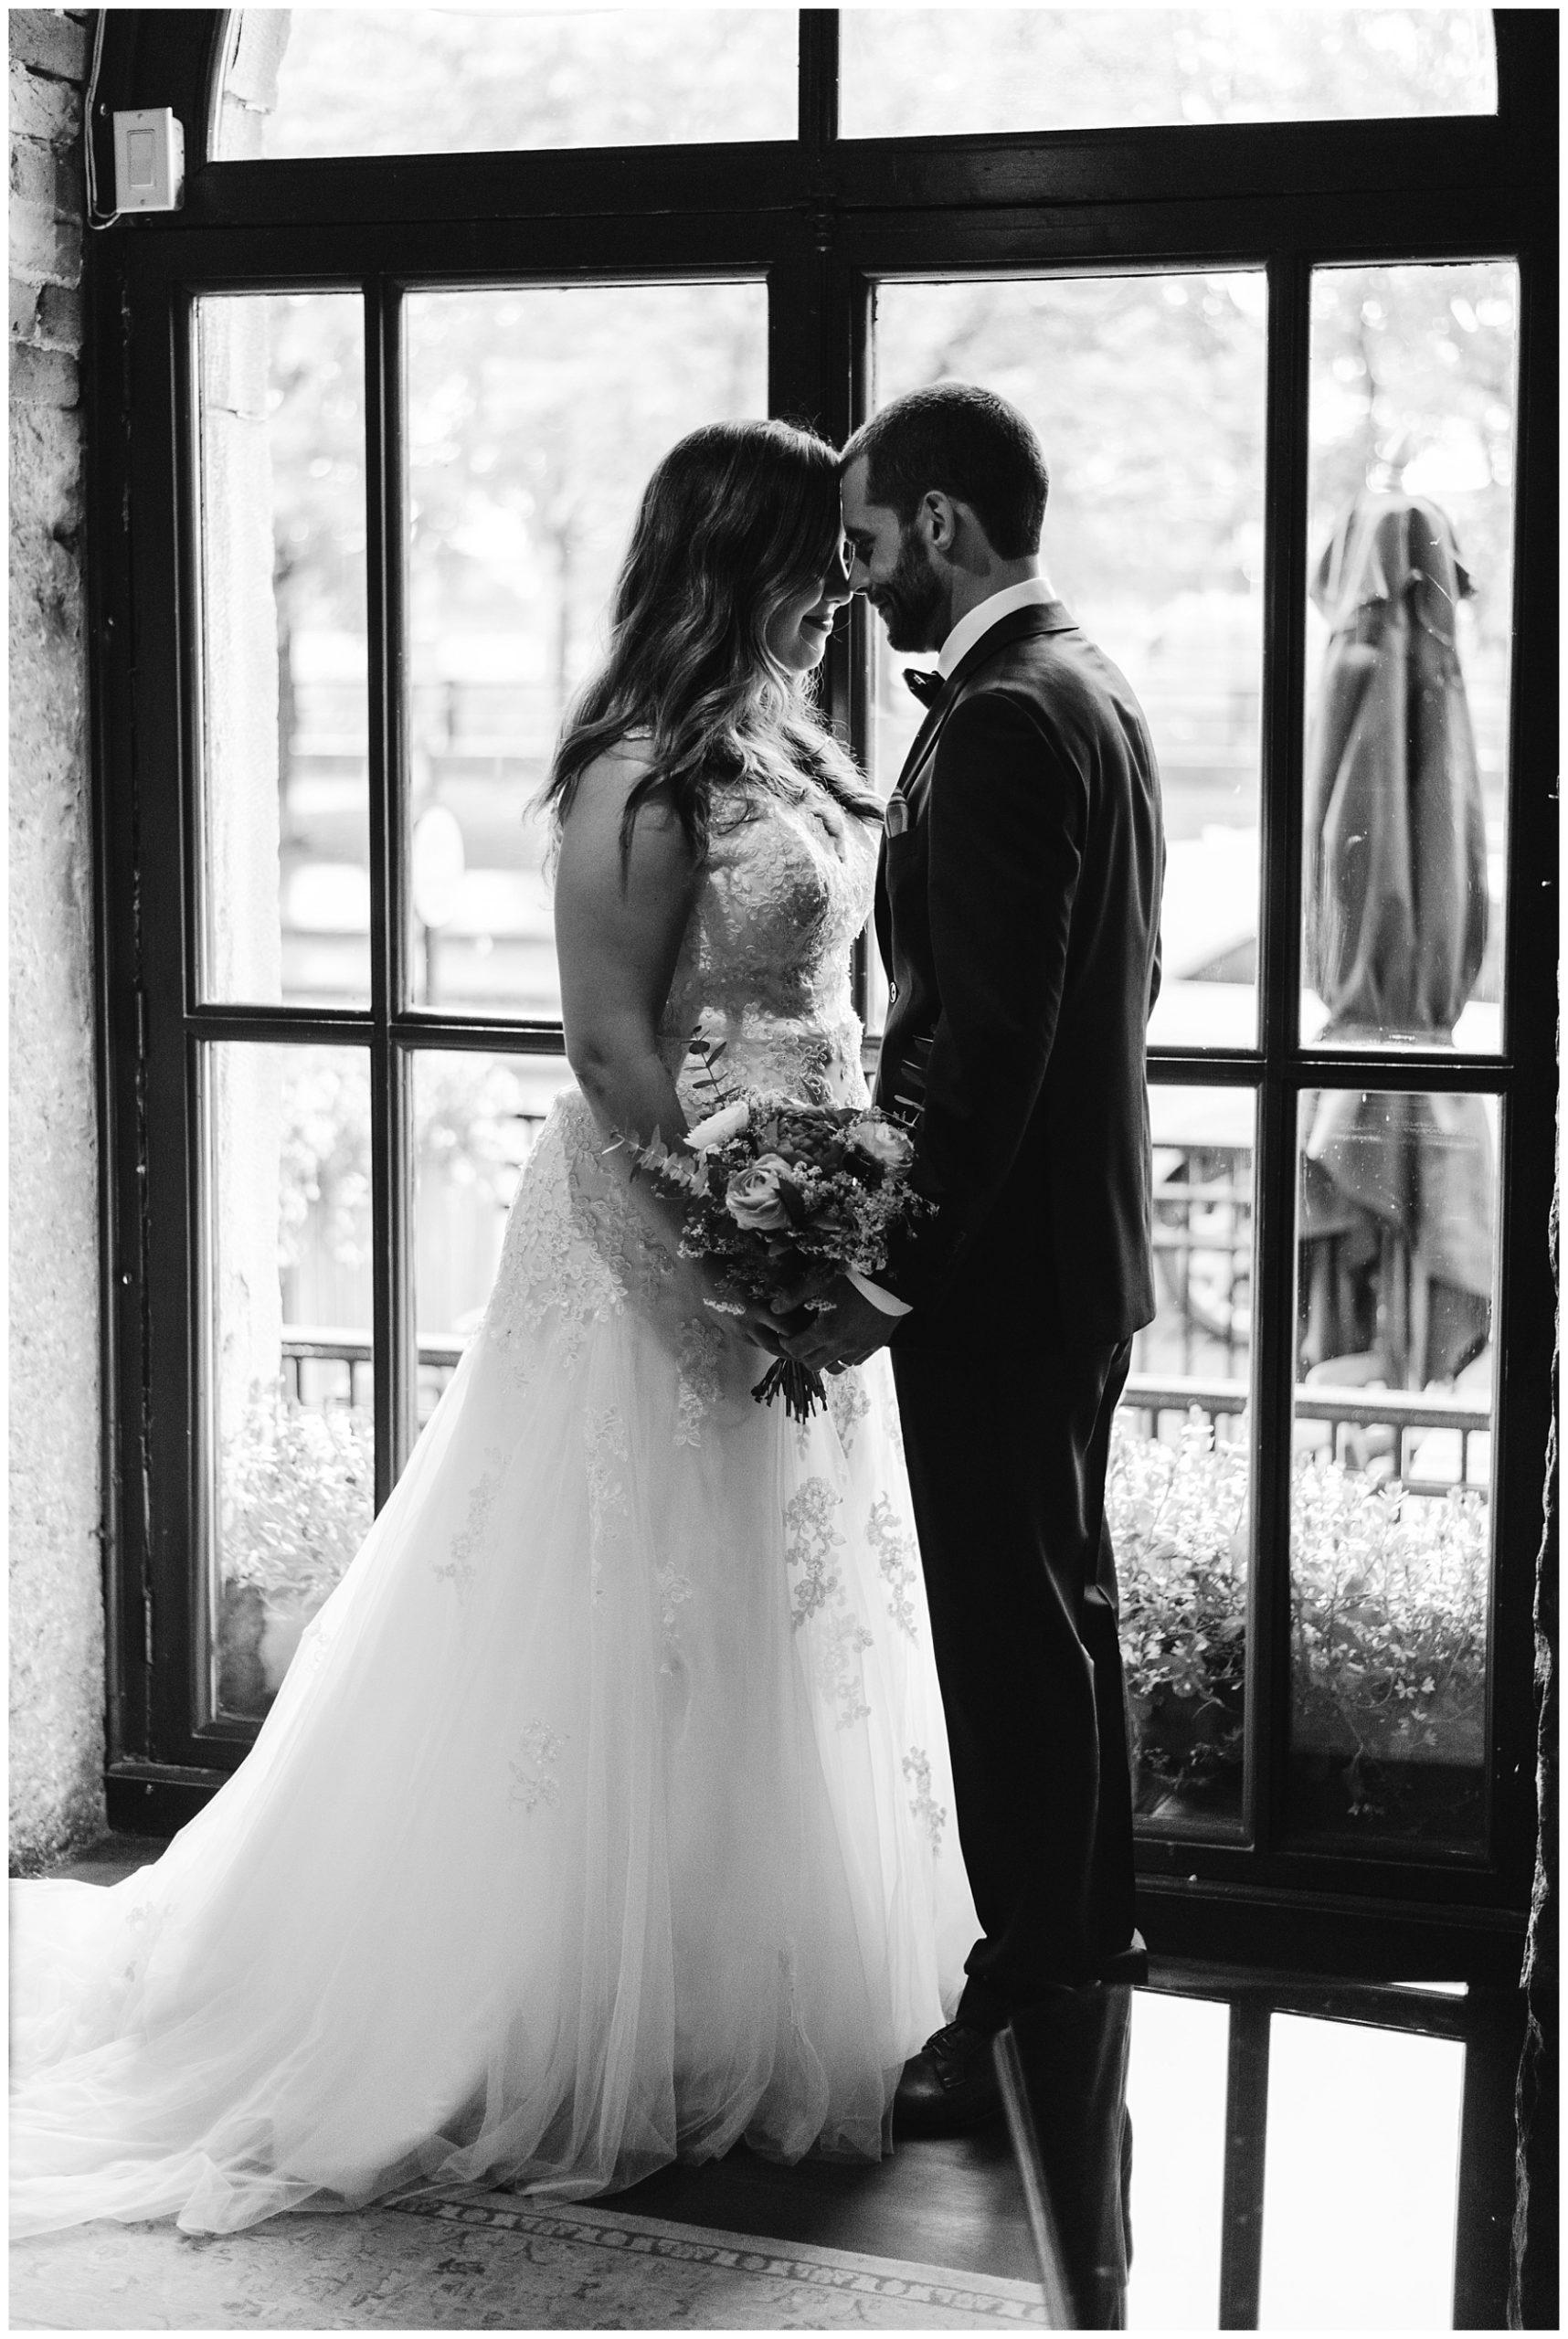 Les deux nouvellement mariés posent devant la vitrine de l'Auberge du Vieux-Port.